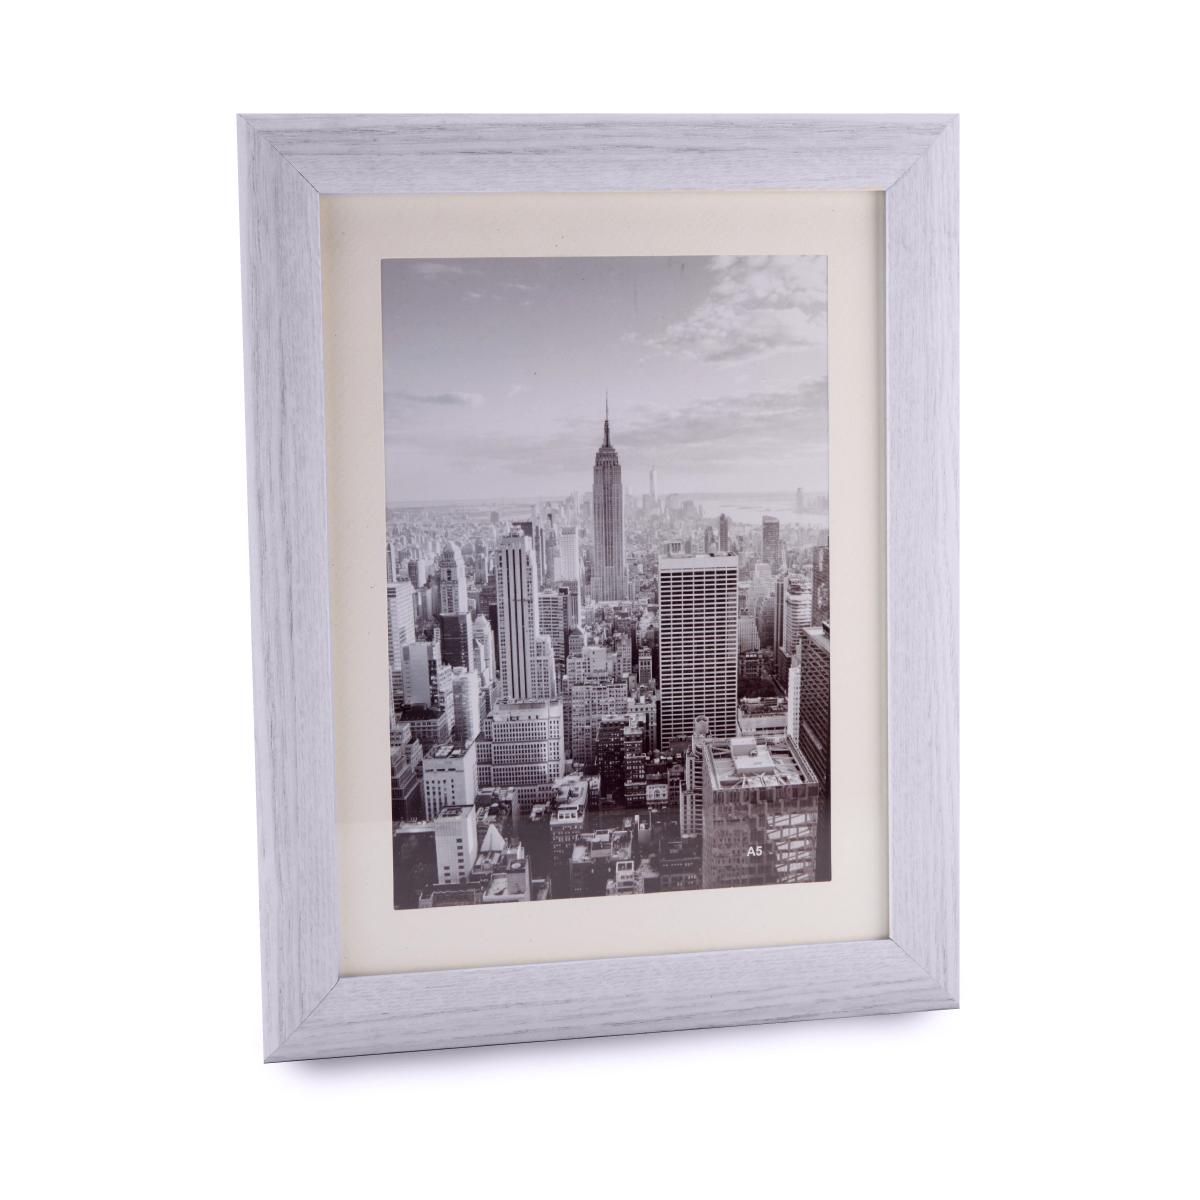 מסגרת לתמונה מעץ וזכוכית – סנט טרופז